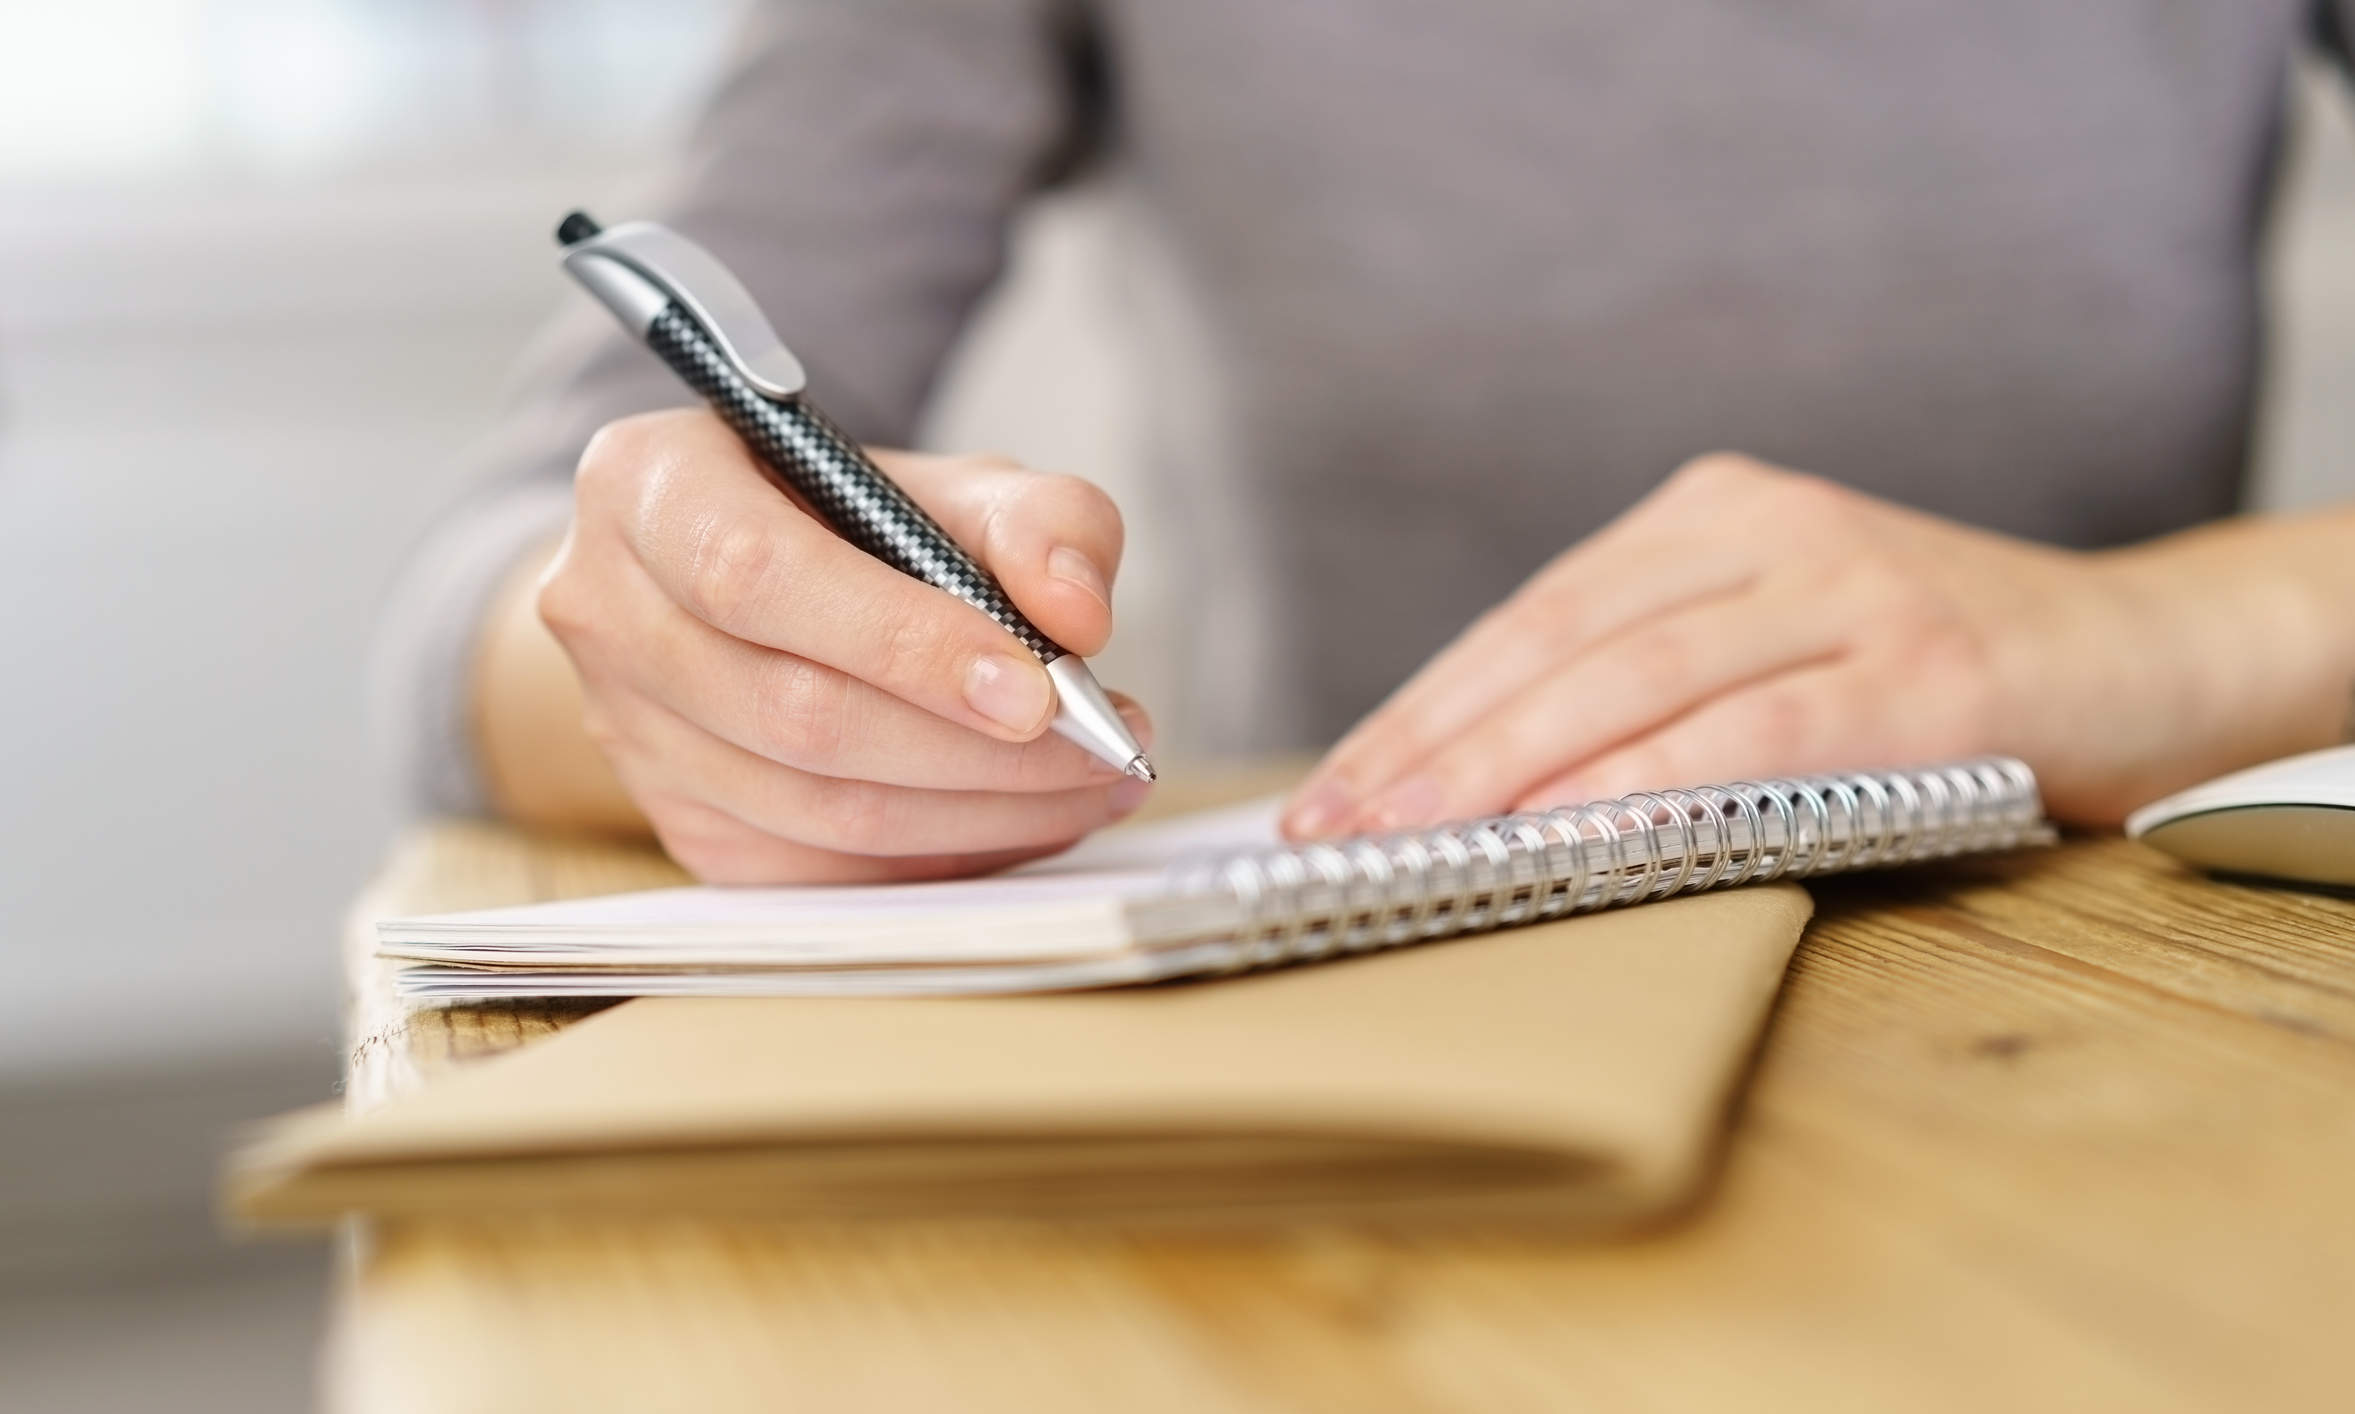 Hände mit Tisch und Notizblock beginnen ein handschriftliches Testament